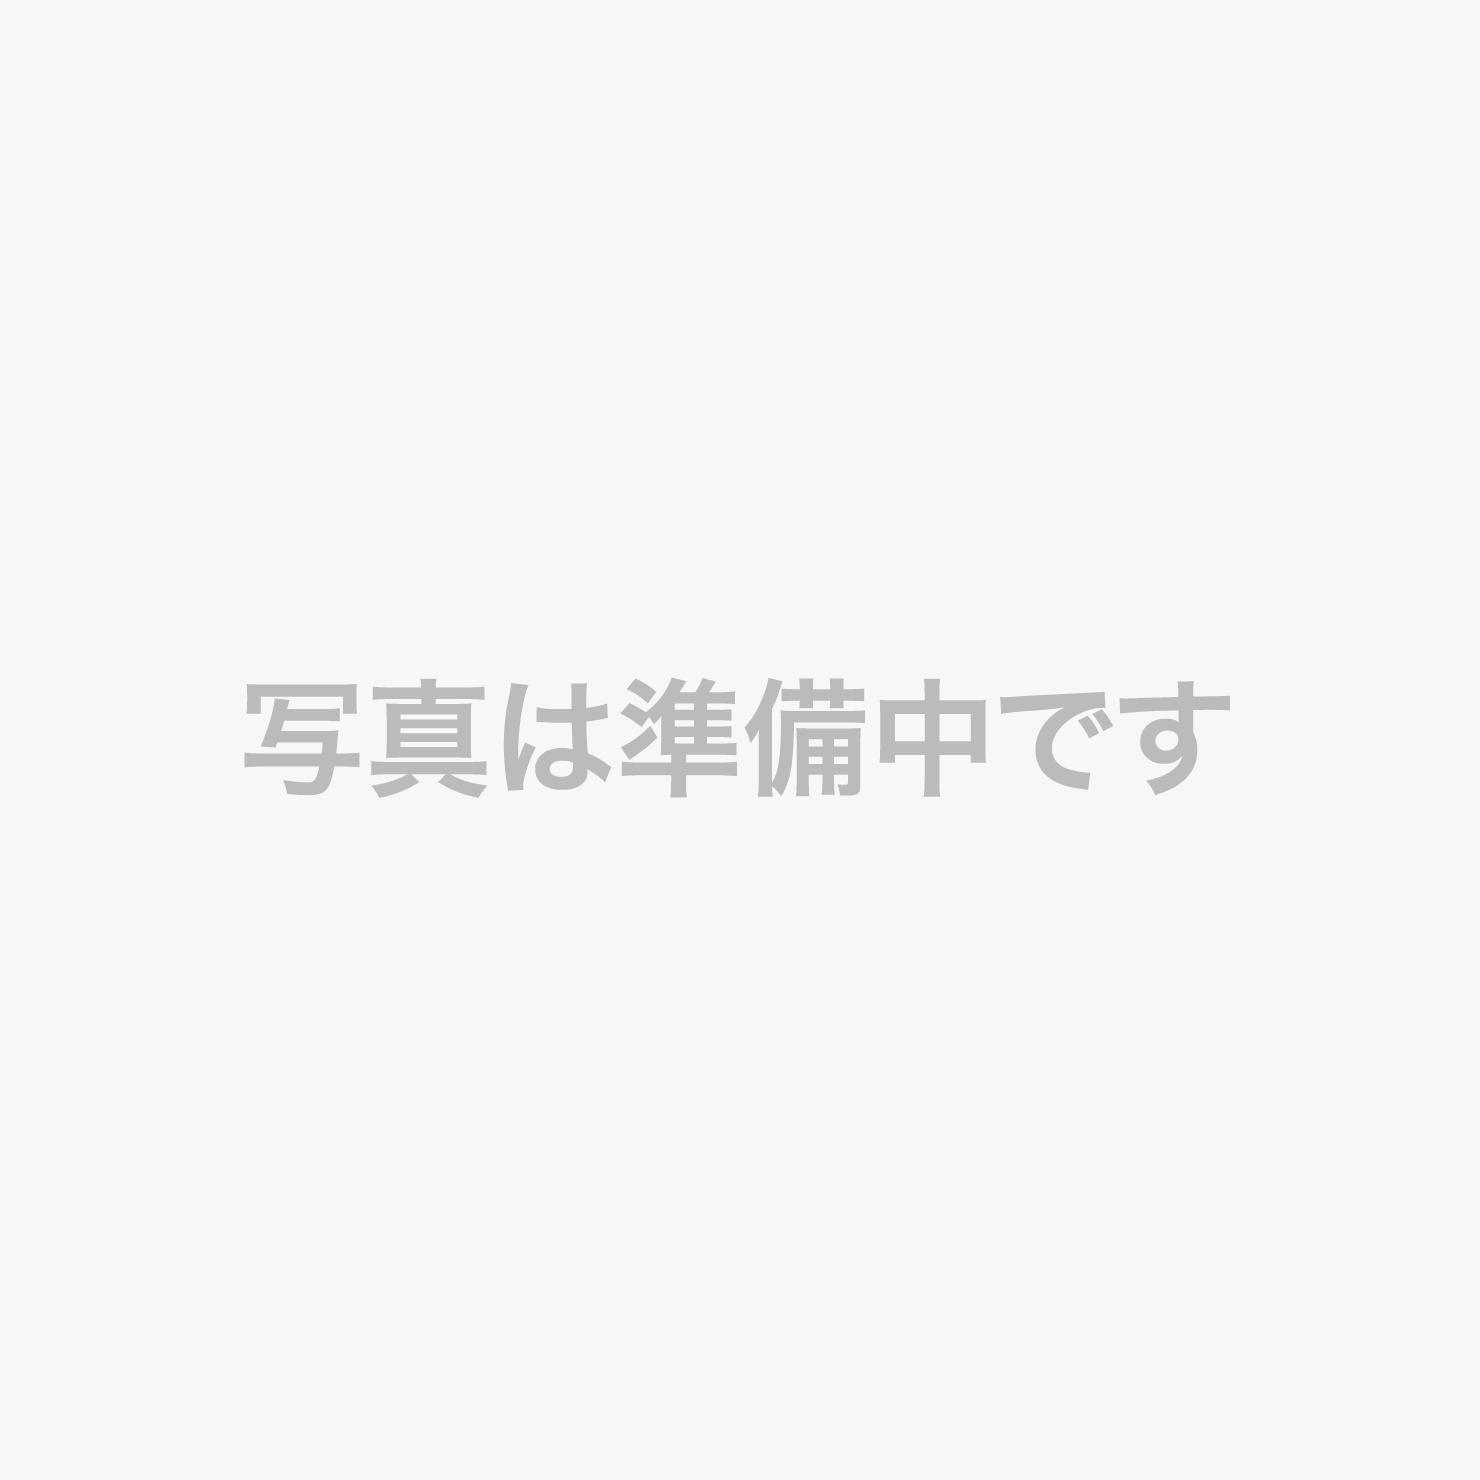 せんだいメディアテーク(写真提供:宮城県観光課)